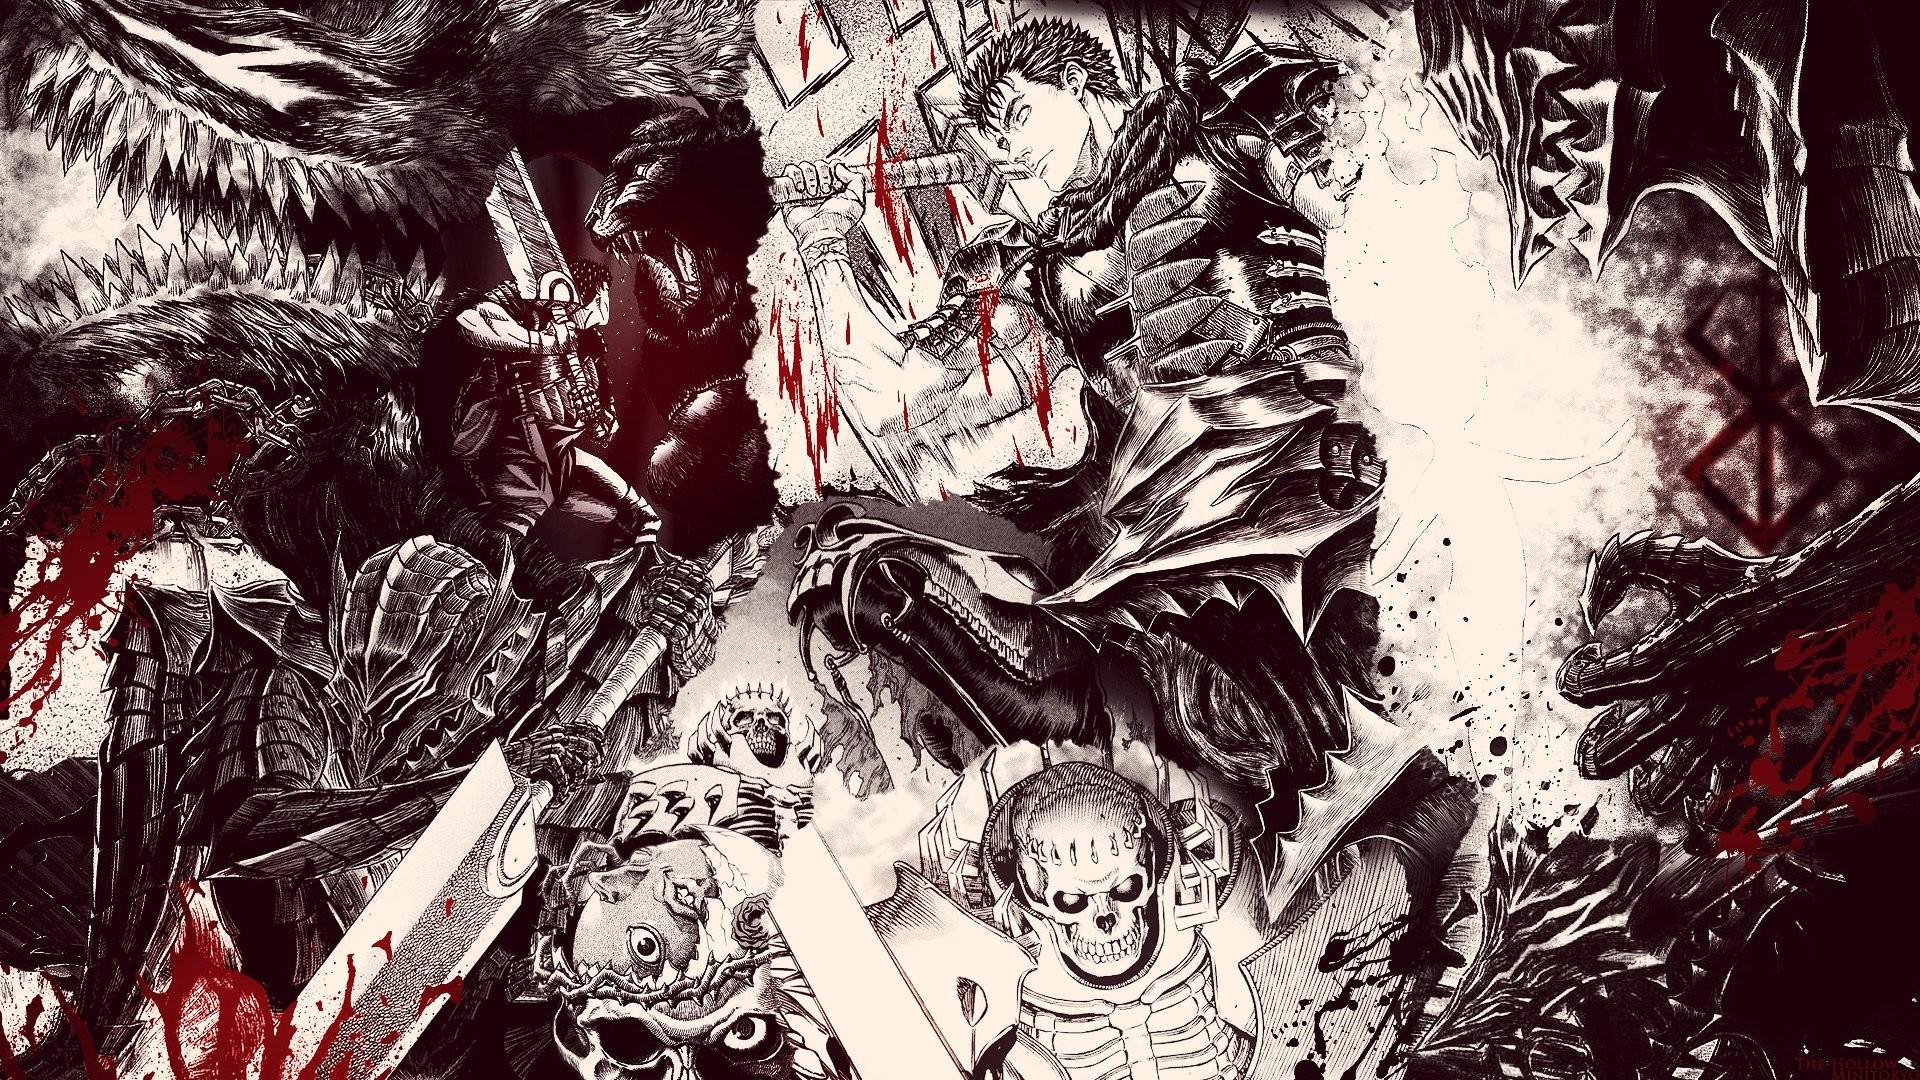 Anime – Berserk Wallpaper